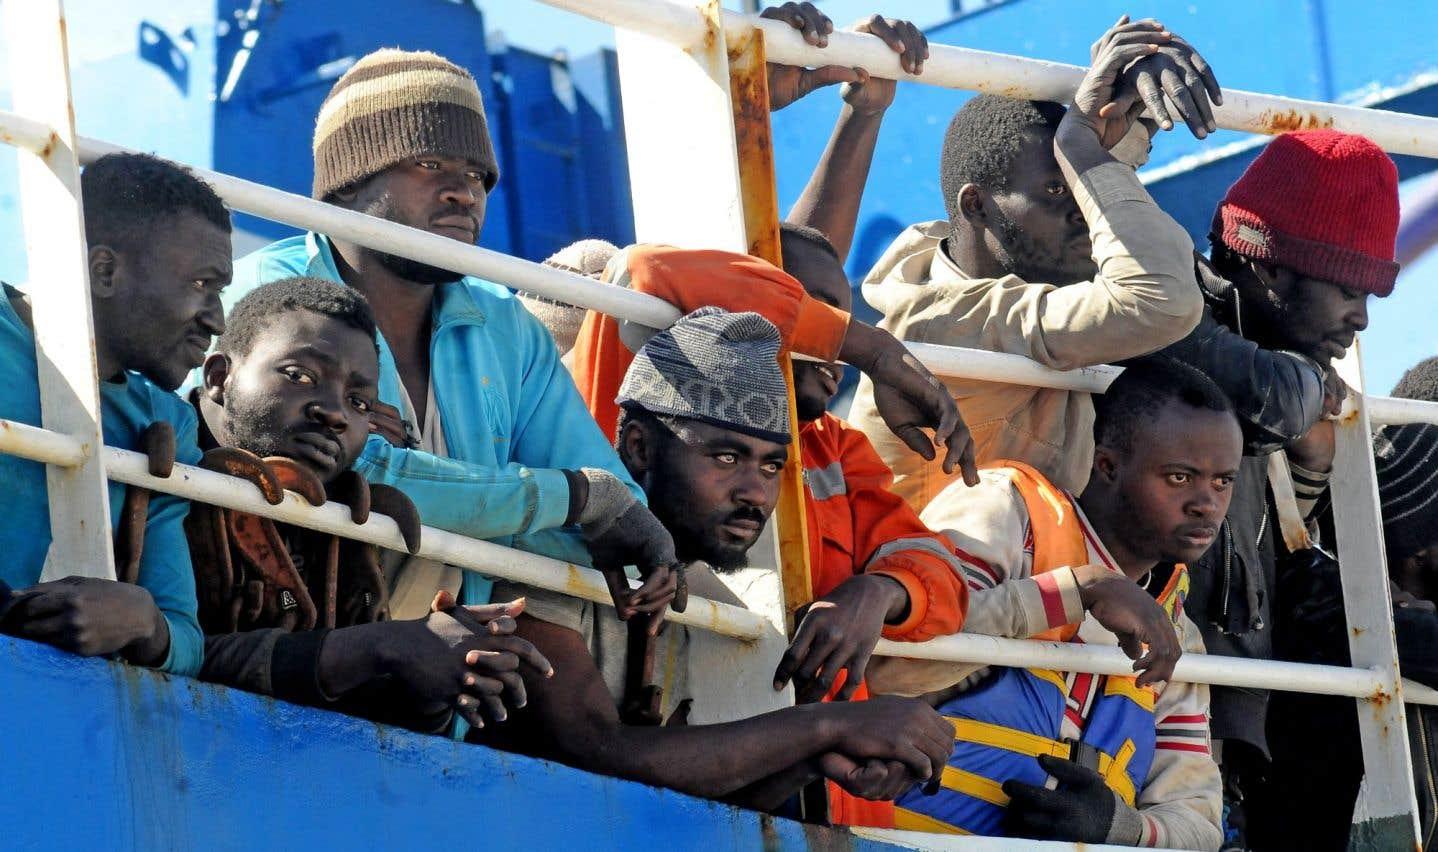 Des migrants et réfugiés entassés sur un bateau arrivant en Italie en avril. «Frères migrants», le nouveau livre de Patrick Chamoiseau, s'élève comme un chant à la solidarité comme qualité humaine, et à la mondialité comme terreau de la conscience.